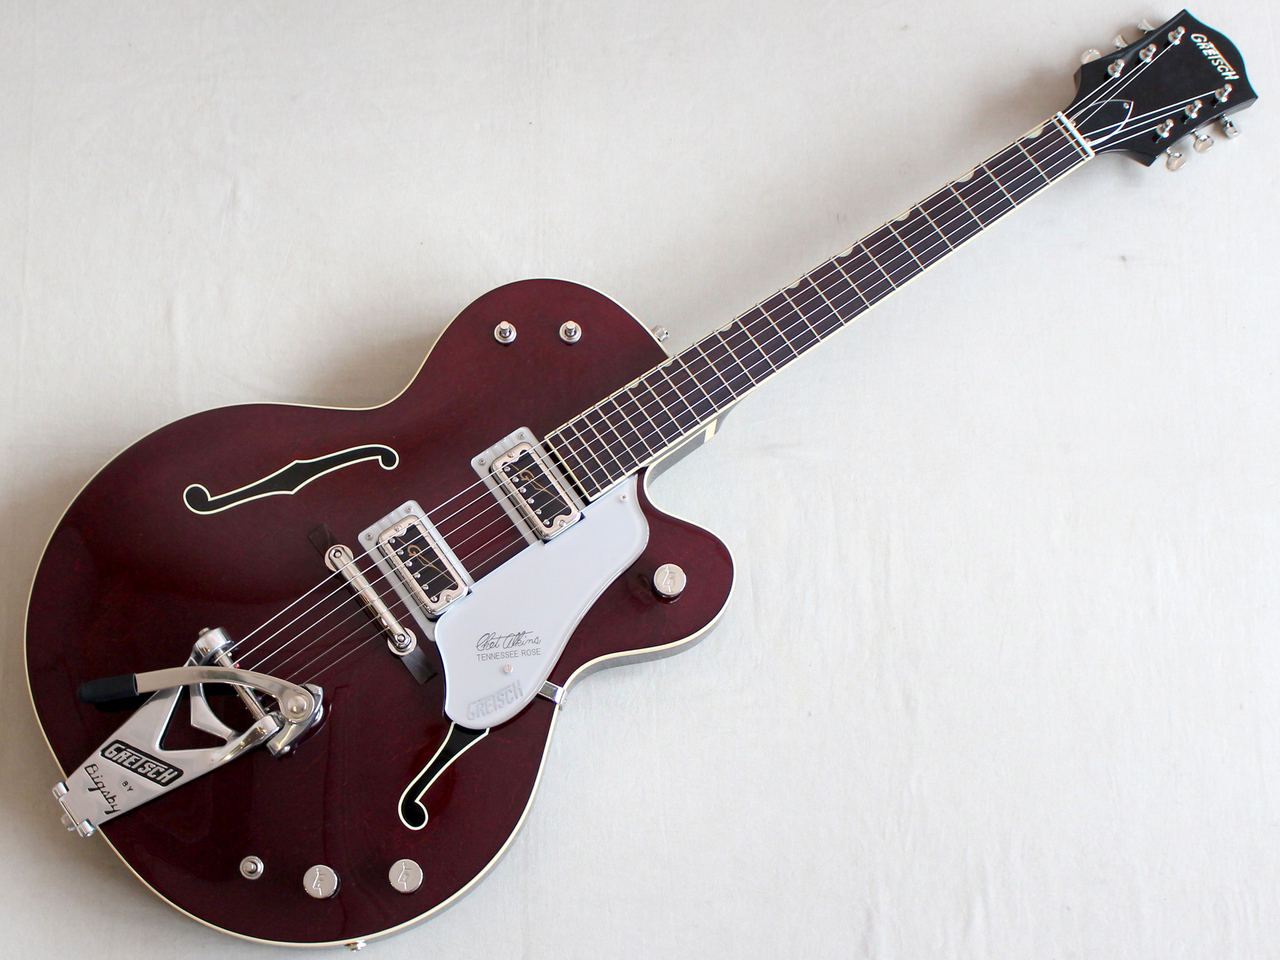 GRETSCH ( グレッチ ) G6119T-62 VS Vintage Select Edition 62 Tennessee Rose【62 テネシーローズ KH】【限定プライスダウン! 】